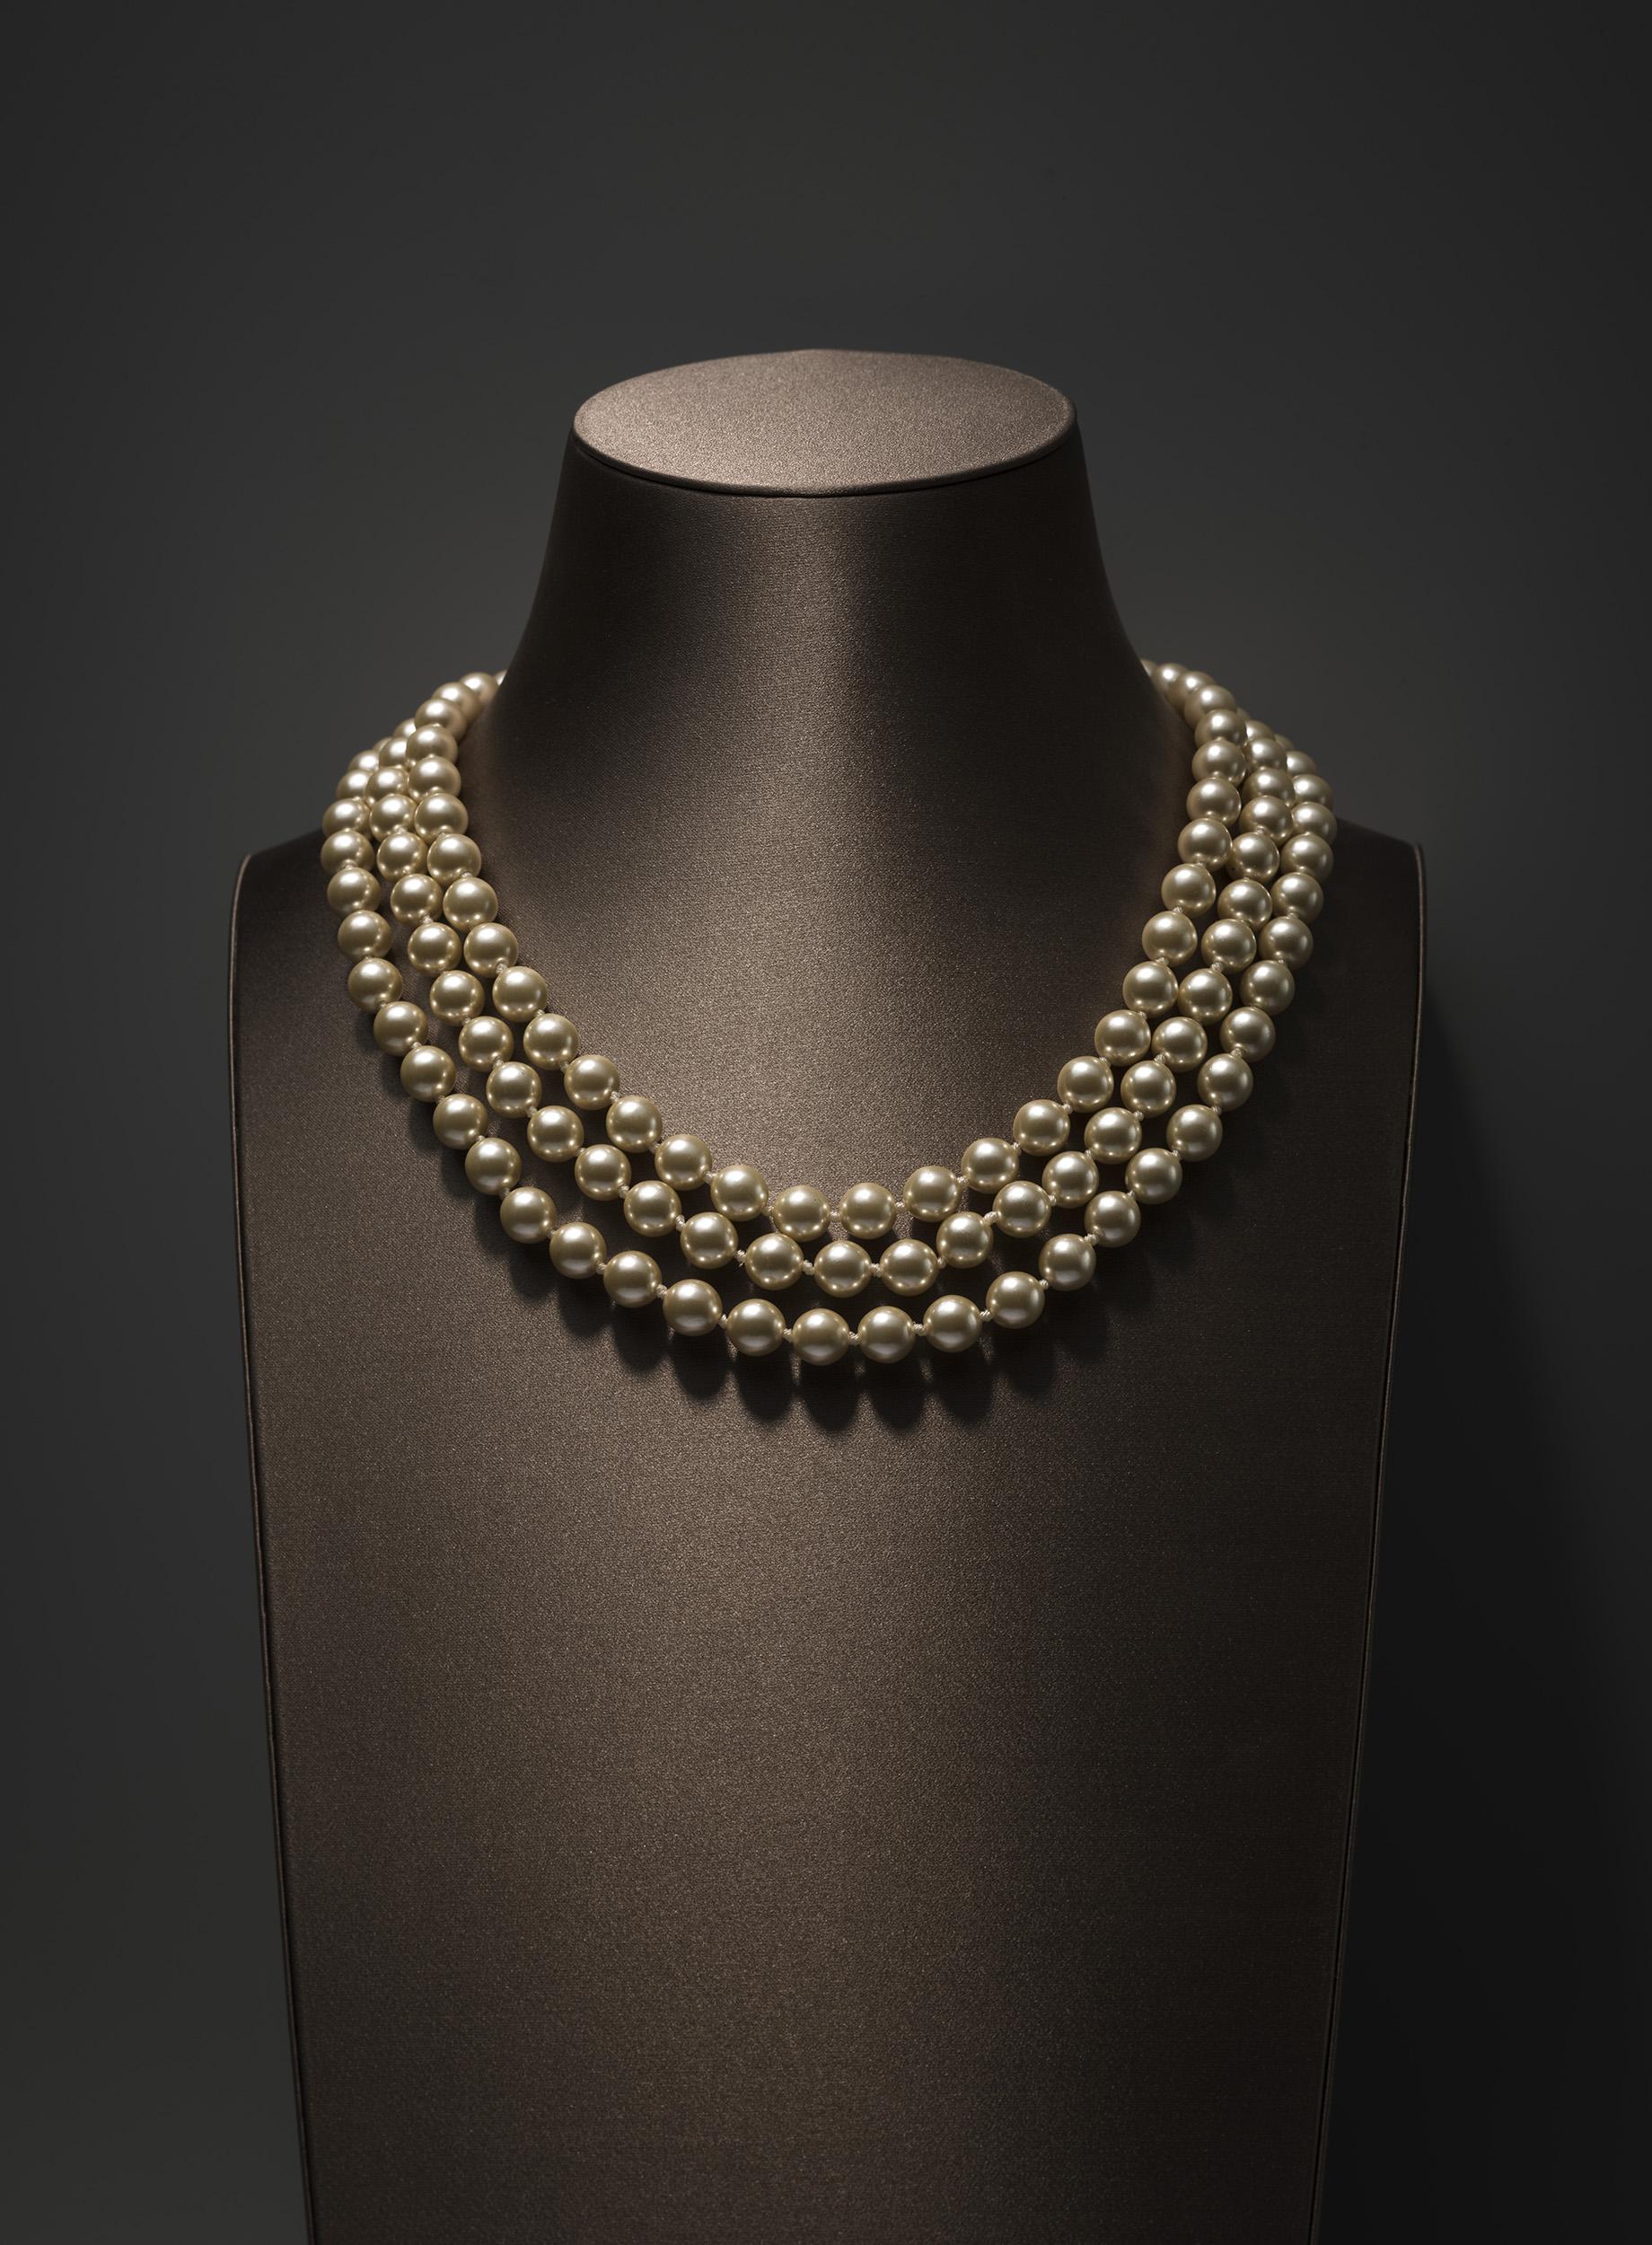 Jackies perls